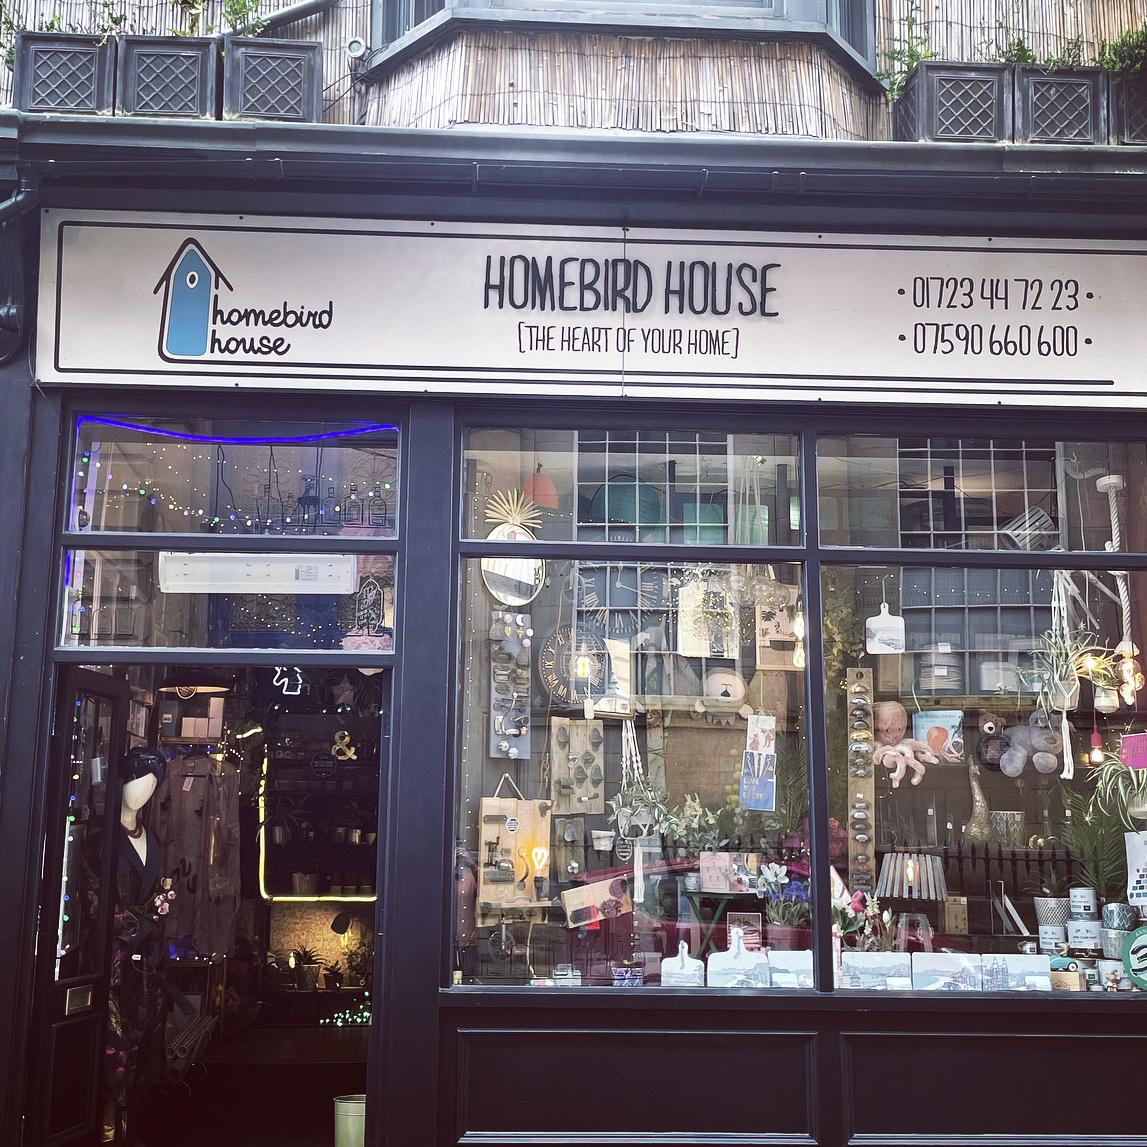 Homebird House